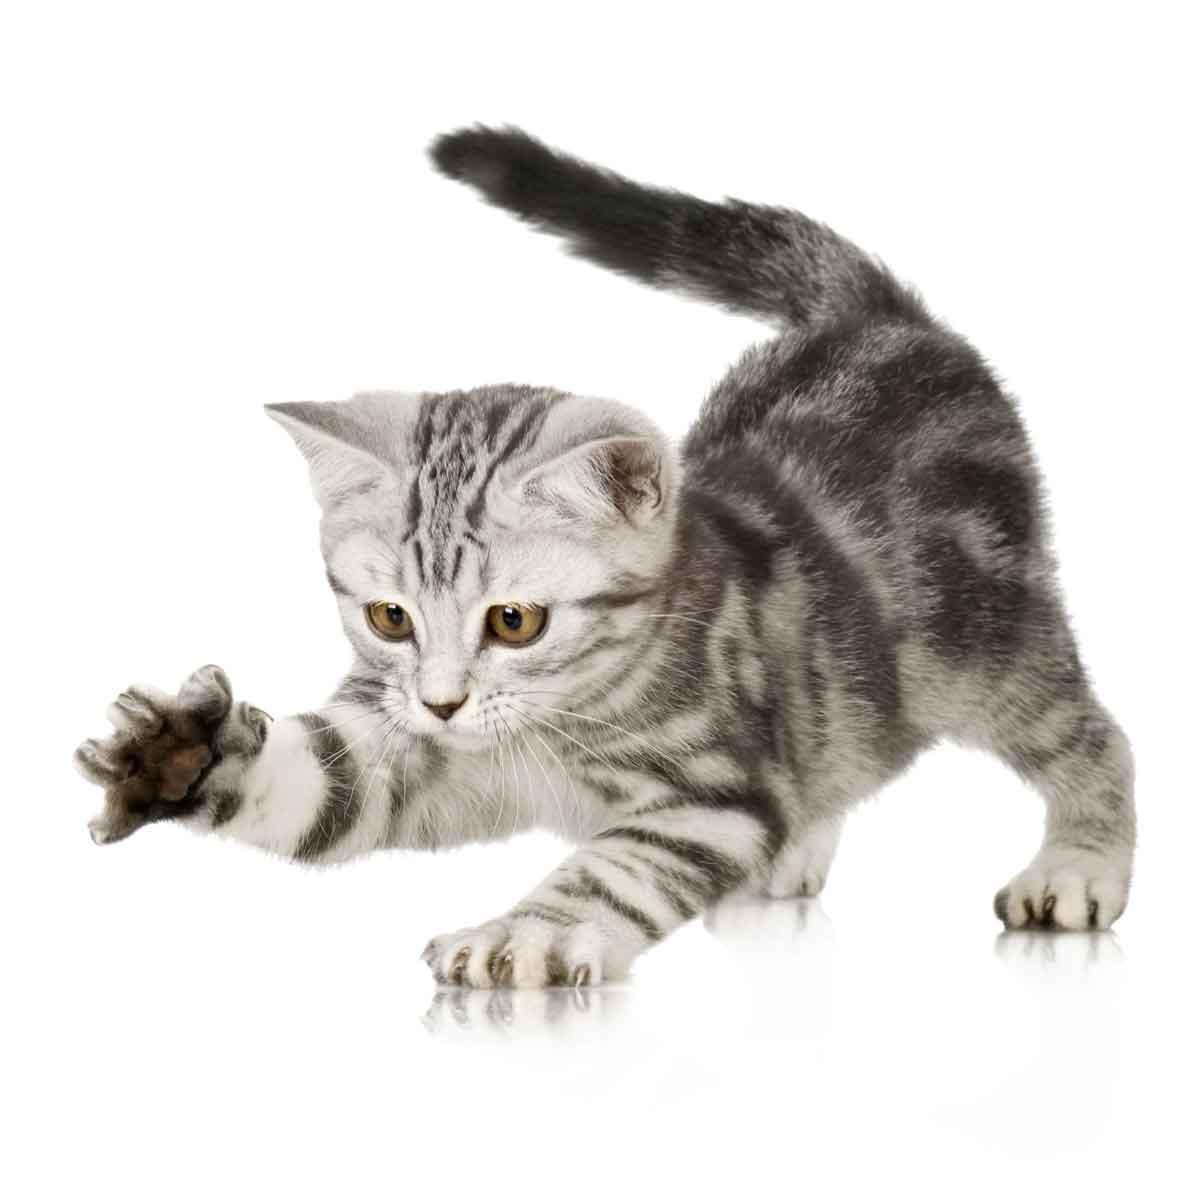 Attenzione al graffio del gatto